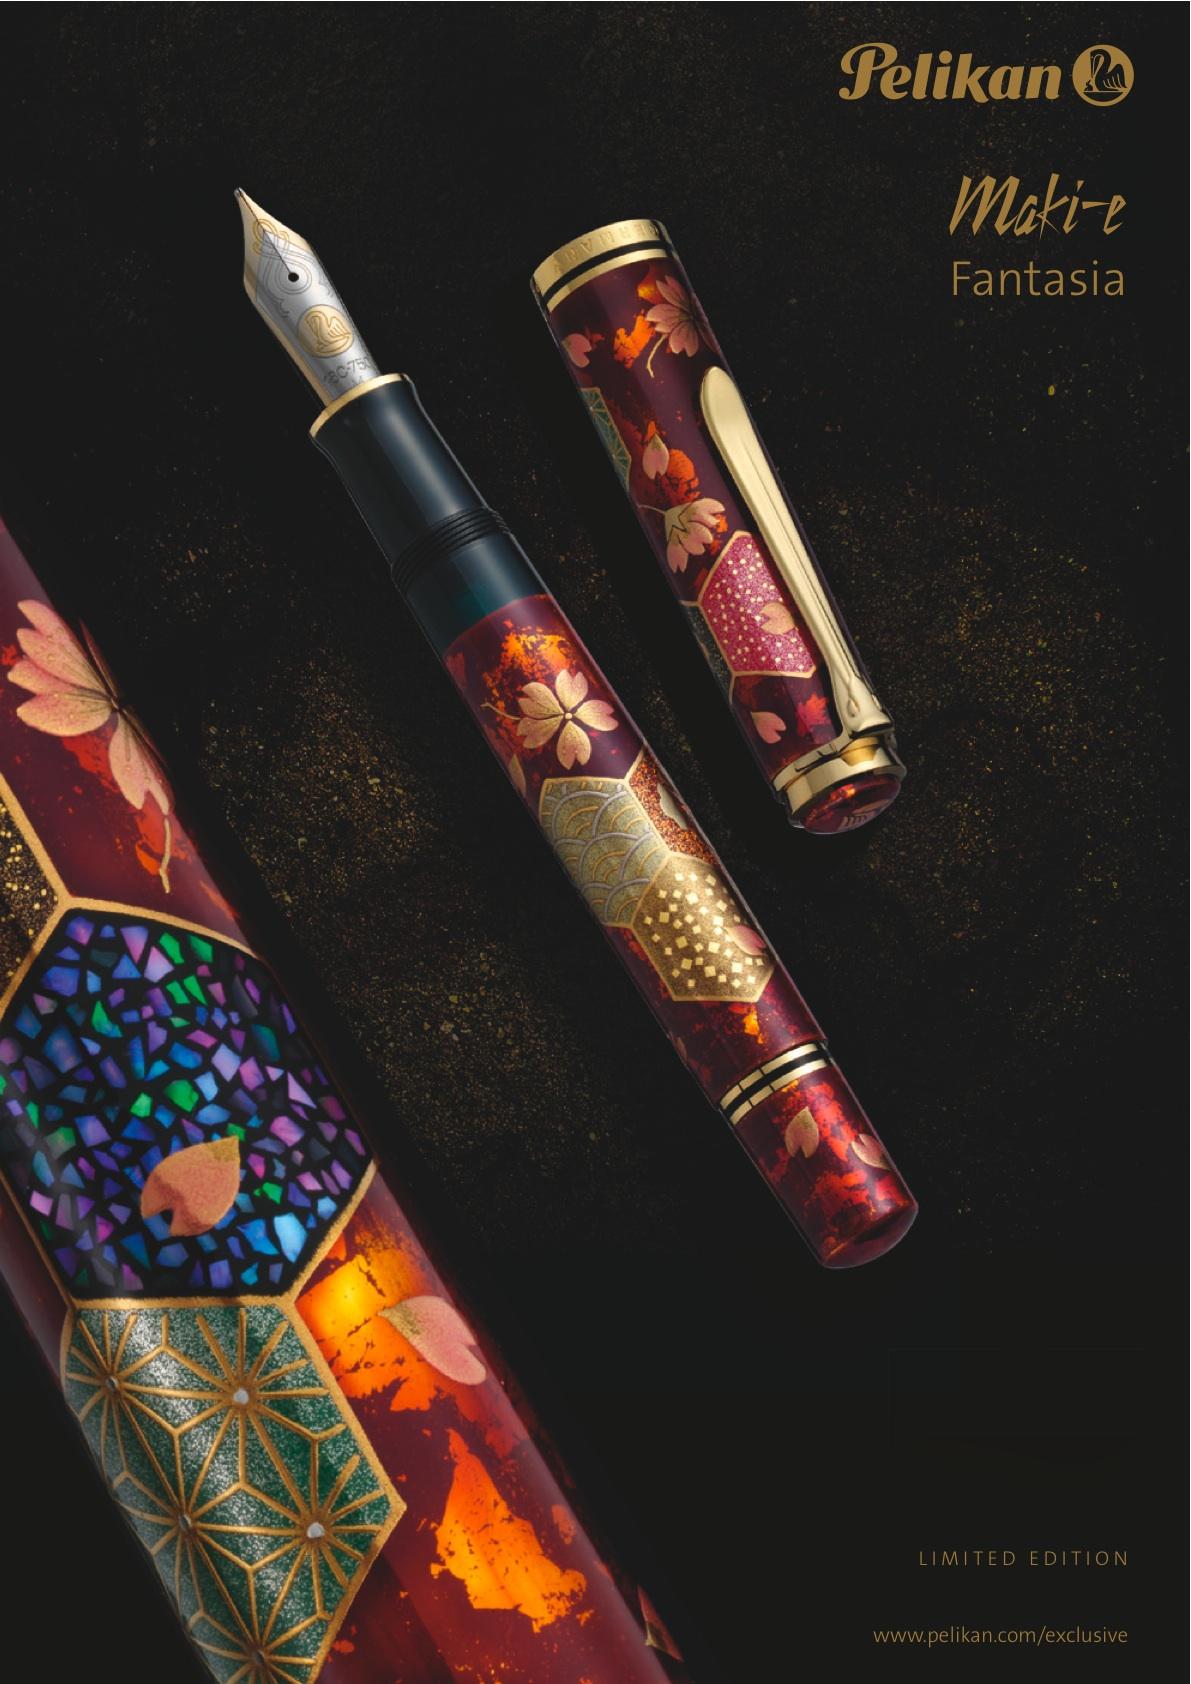 """Pelikan Maki-e Fantasia Pluma estilográfica Maki-e inusual y de deslumbrante belleza. La Fantasía representa un diseño tradicional japonés llamado """"patrón Komon"""", que se utiliza comúnmente para elegantes kimonos japoneses."""